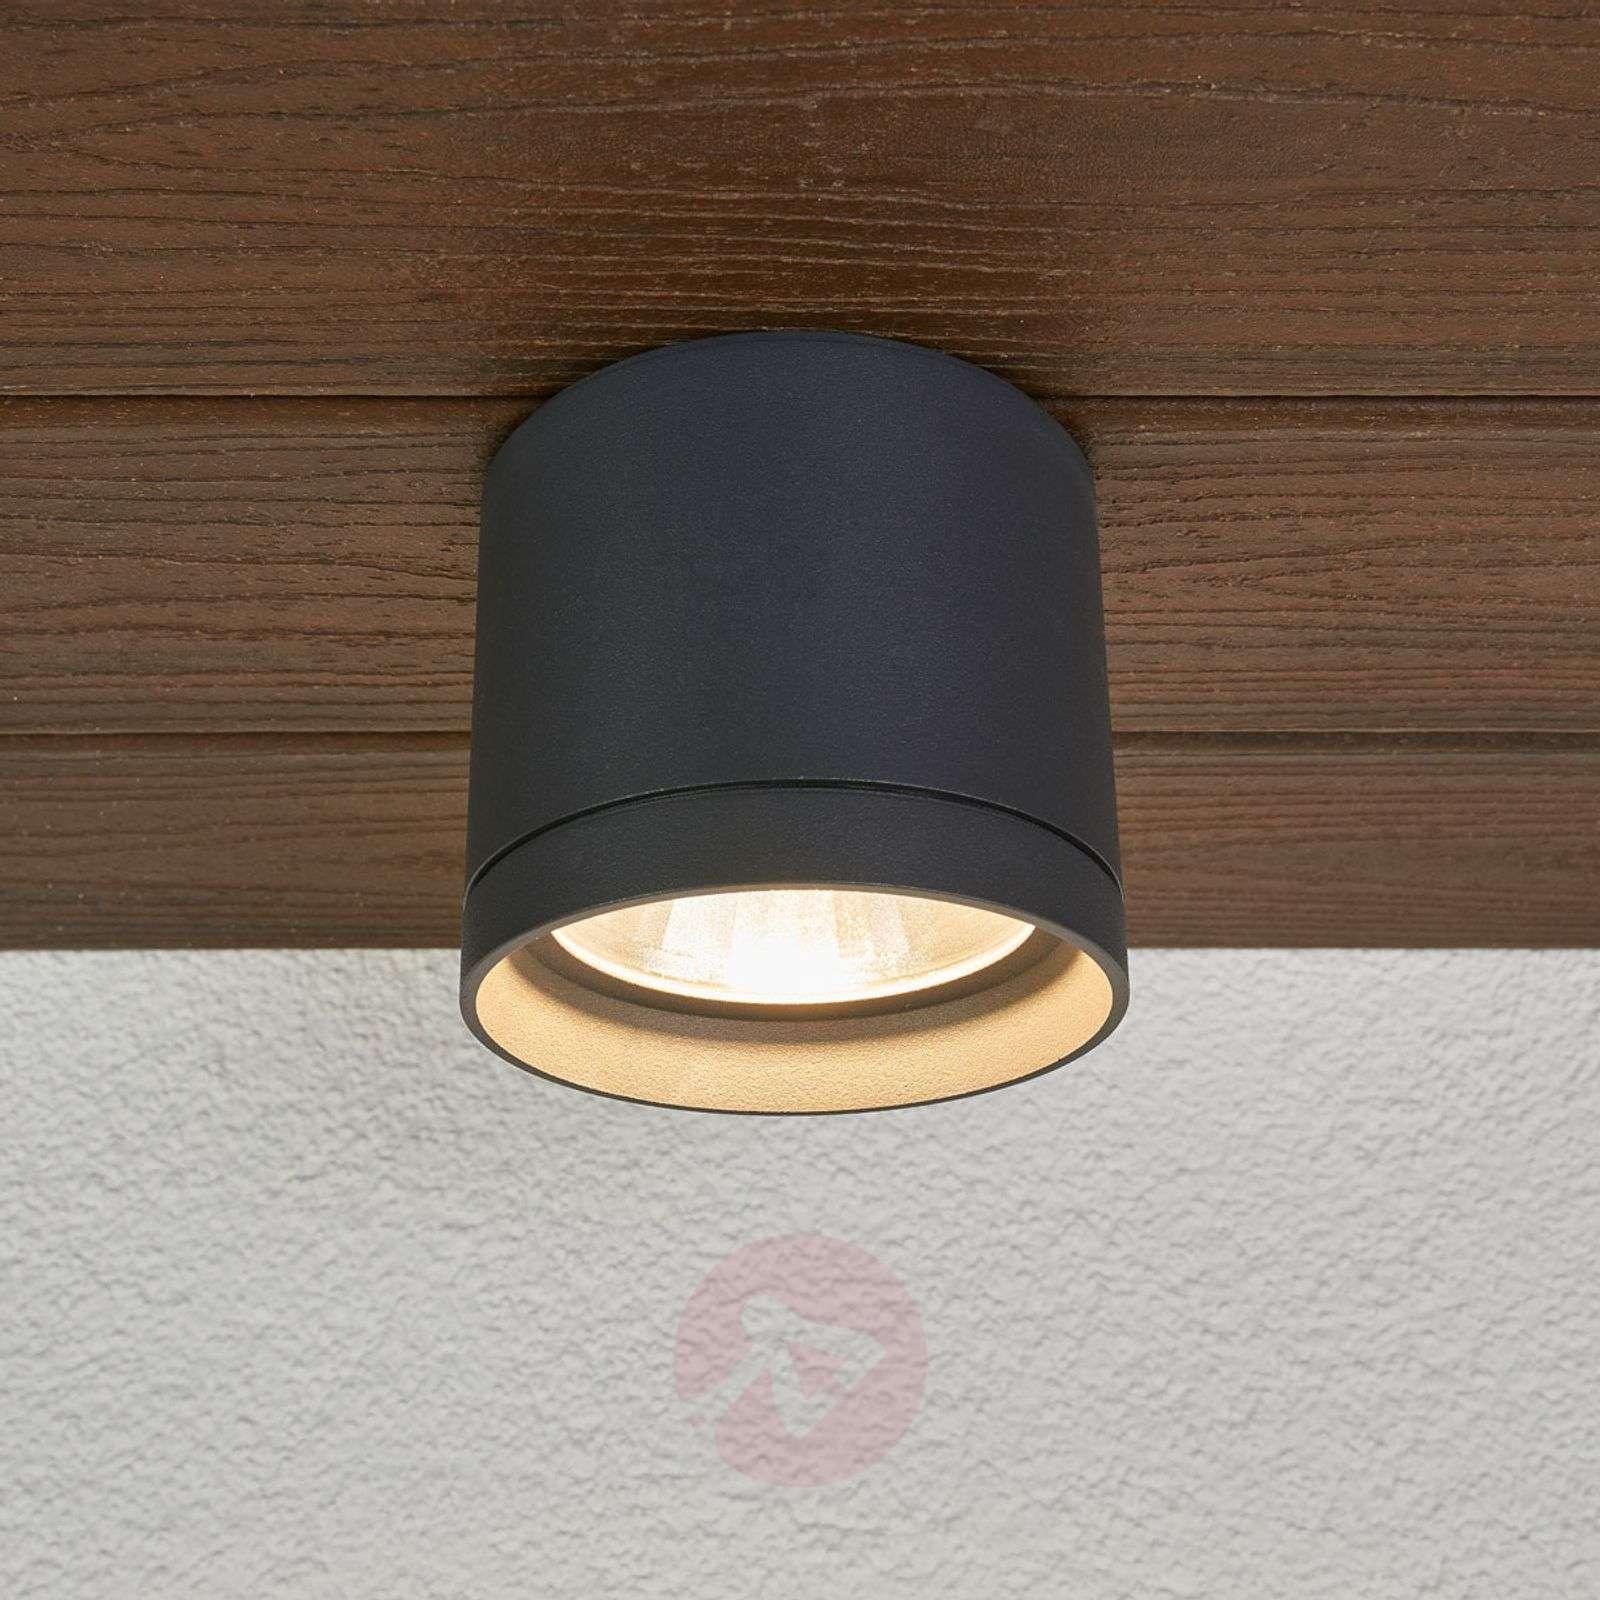 Bega LED outdoor spotlight Gero-1566005-01